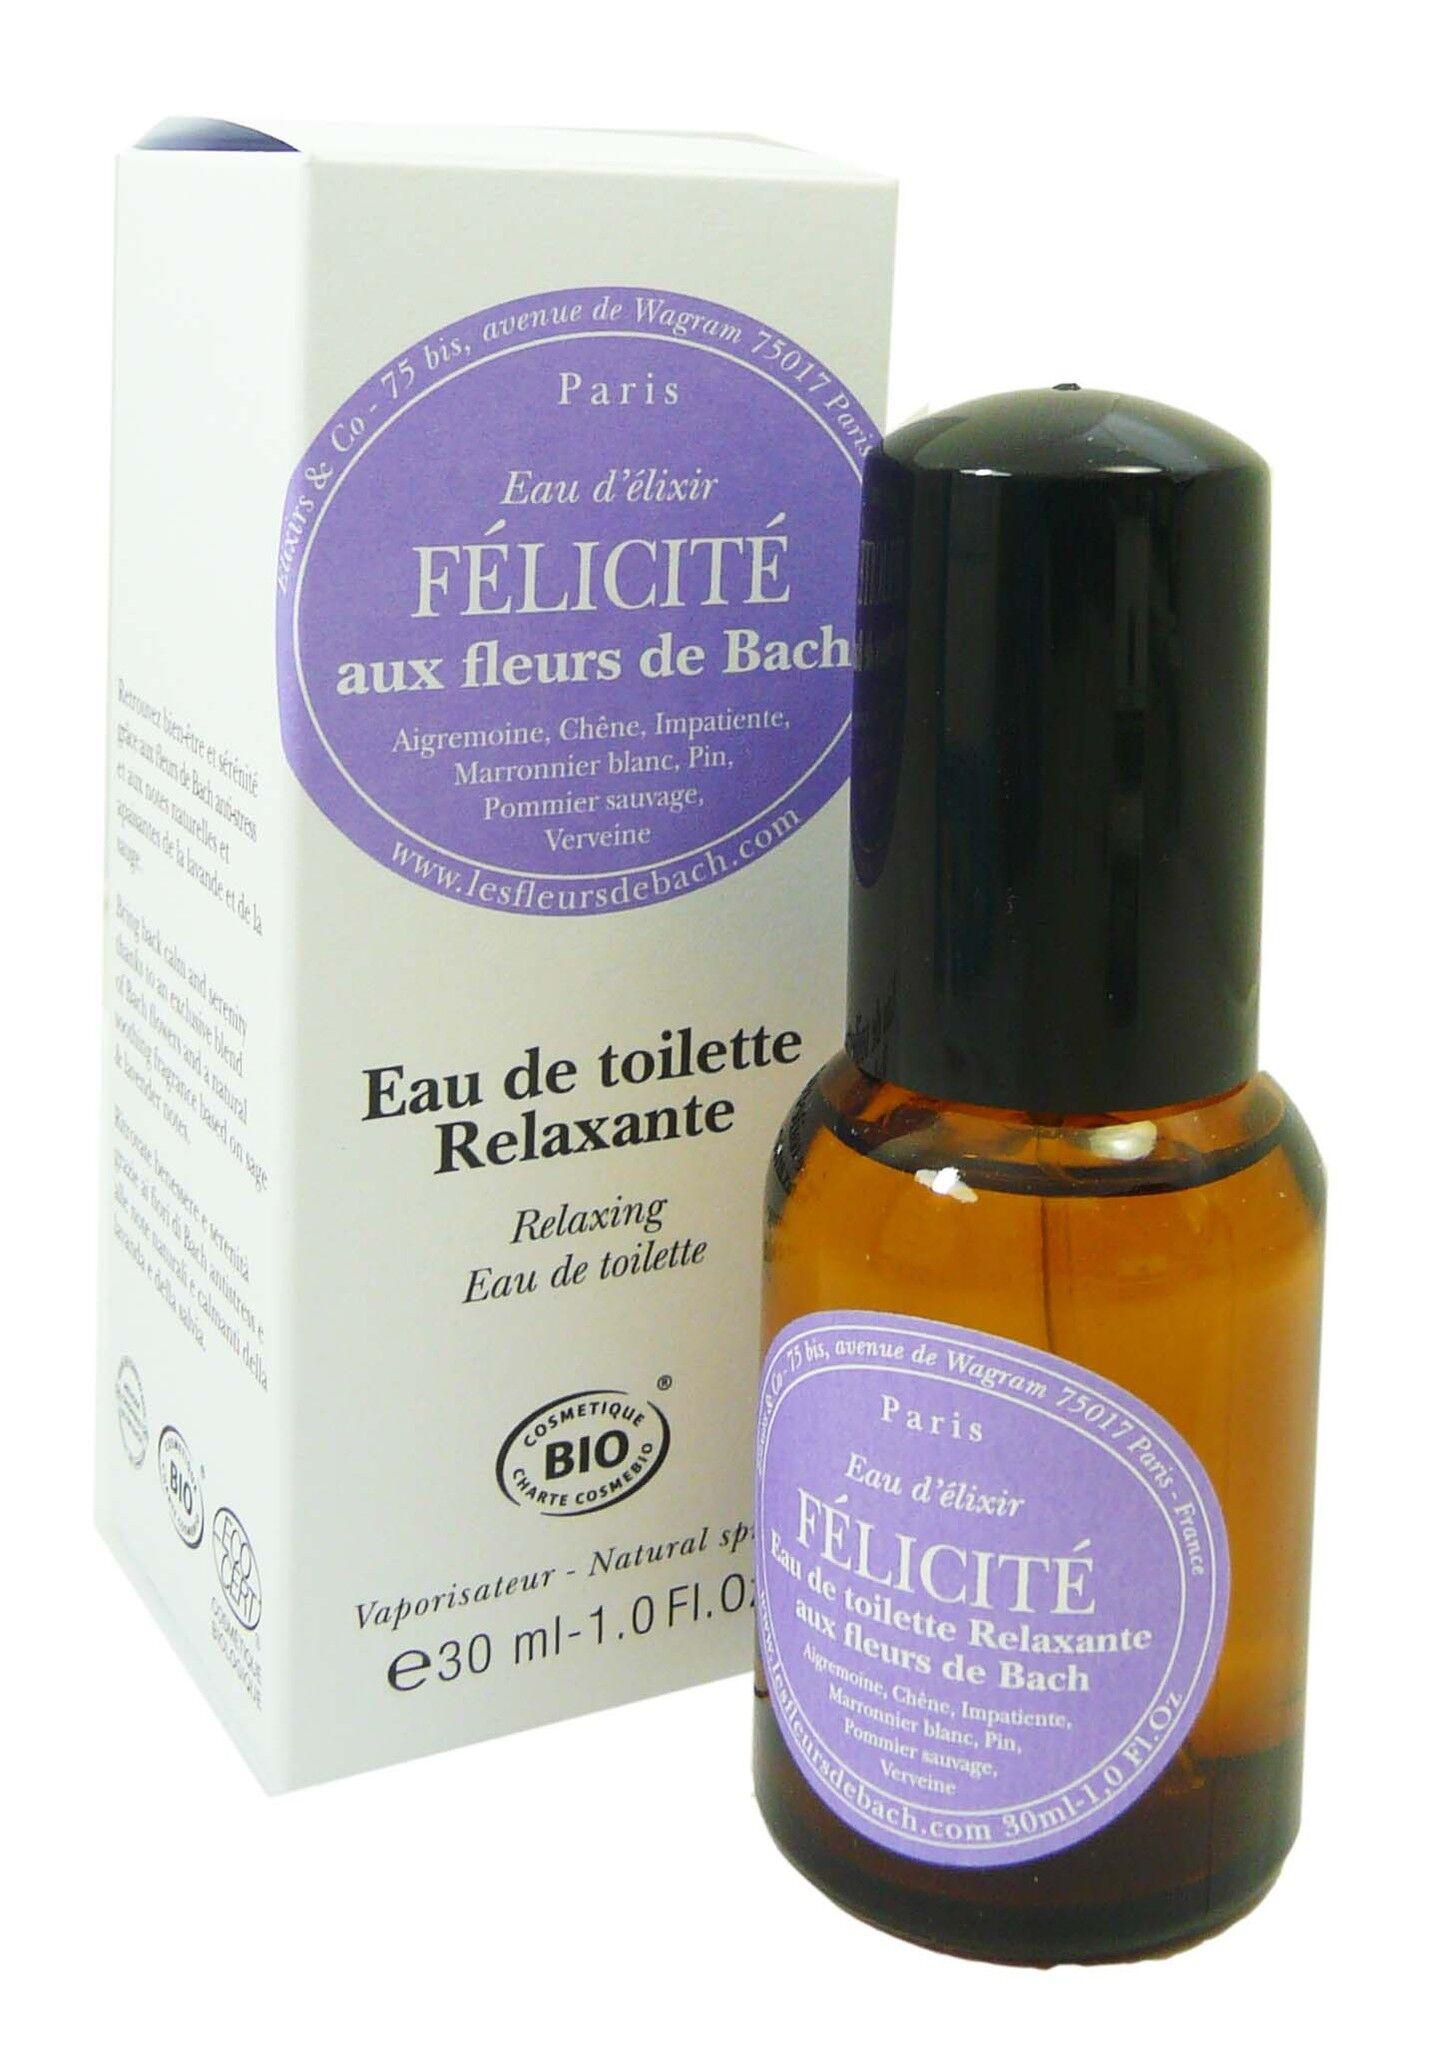 FLEUR BACH FAMADEM Elixirs & co fleurs de bach eau de toilette felicite relaxante 30ml